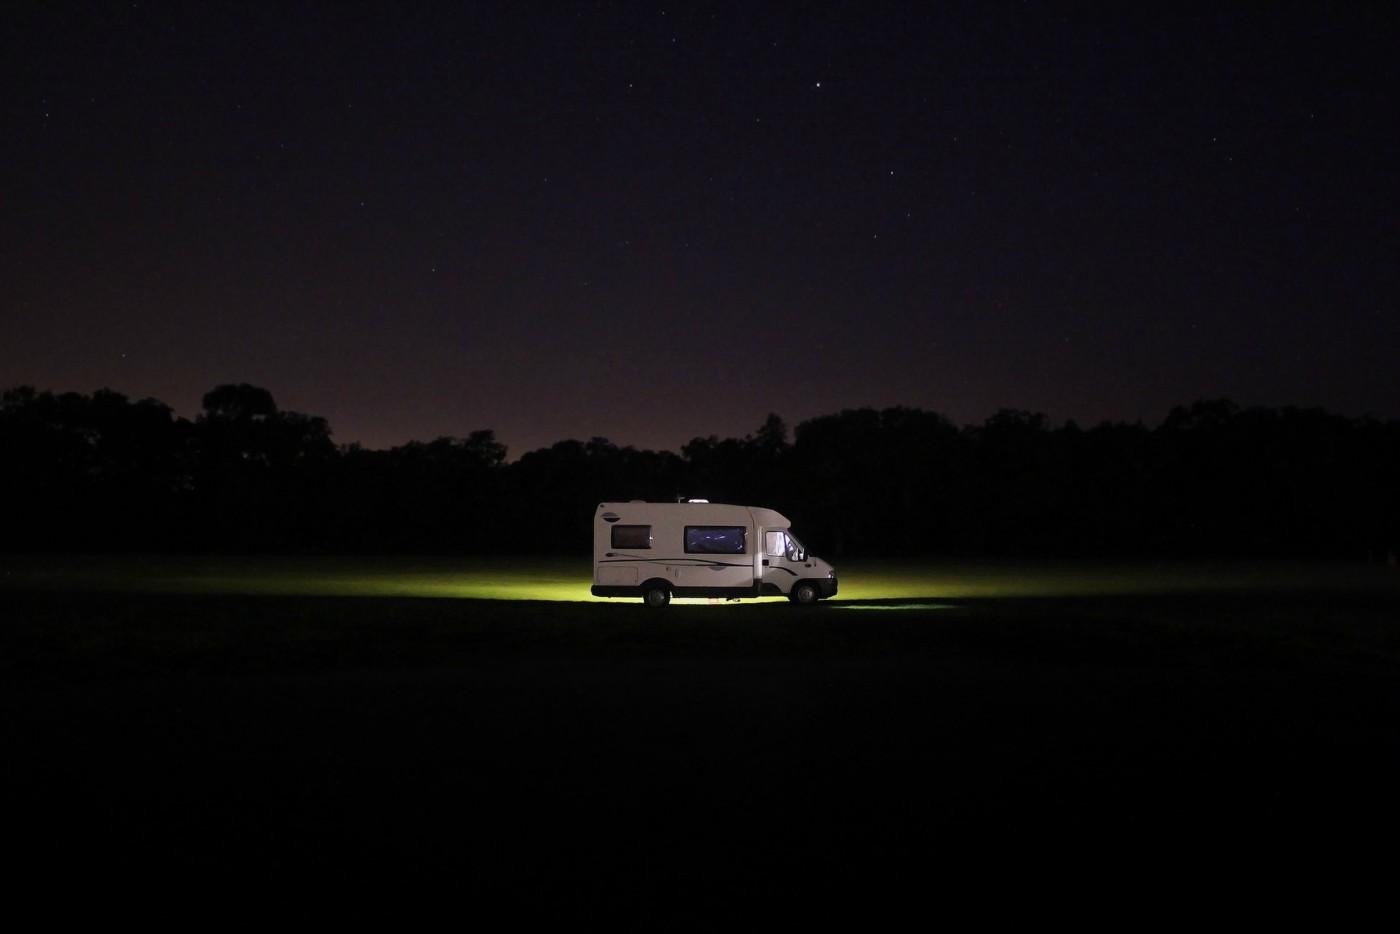 Il camper semintegrale è un camper compatto adatto ad equipaggi poco numerosi